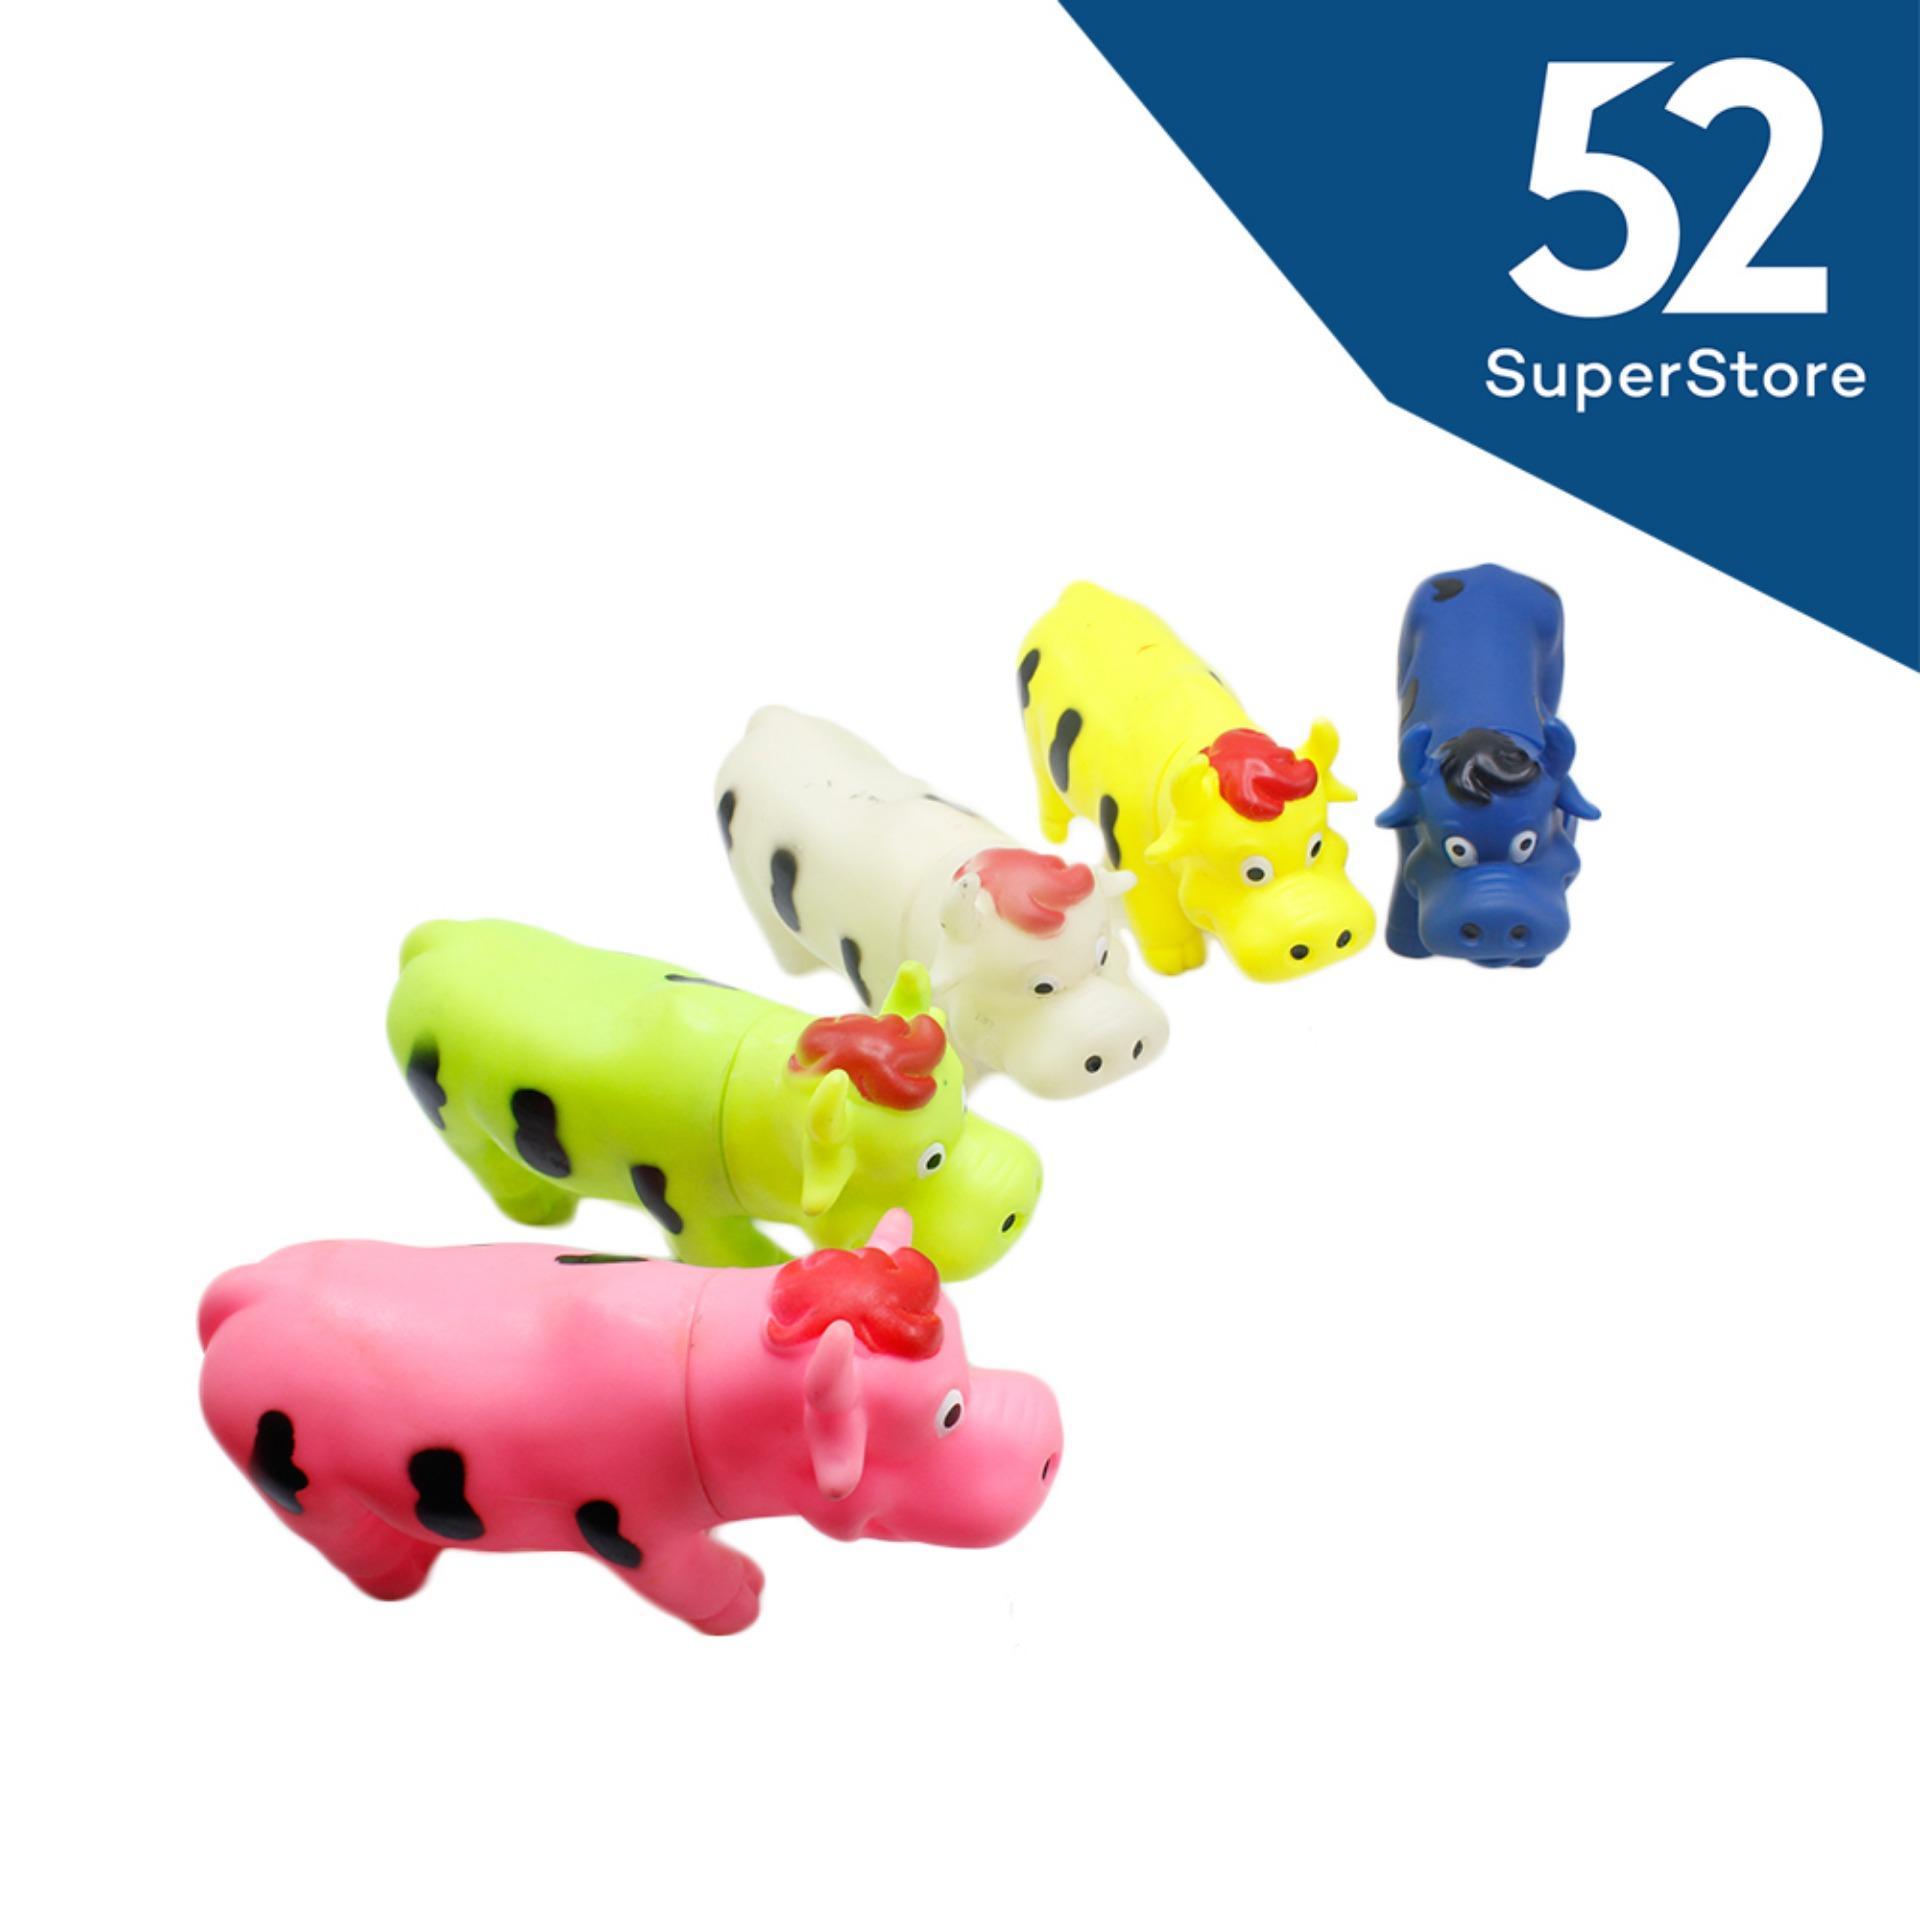 Motif Bear Pinky Selimut Topi Bayi Dan Spesifikasinya. Source · 52 Toys .